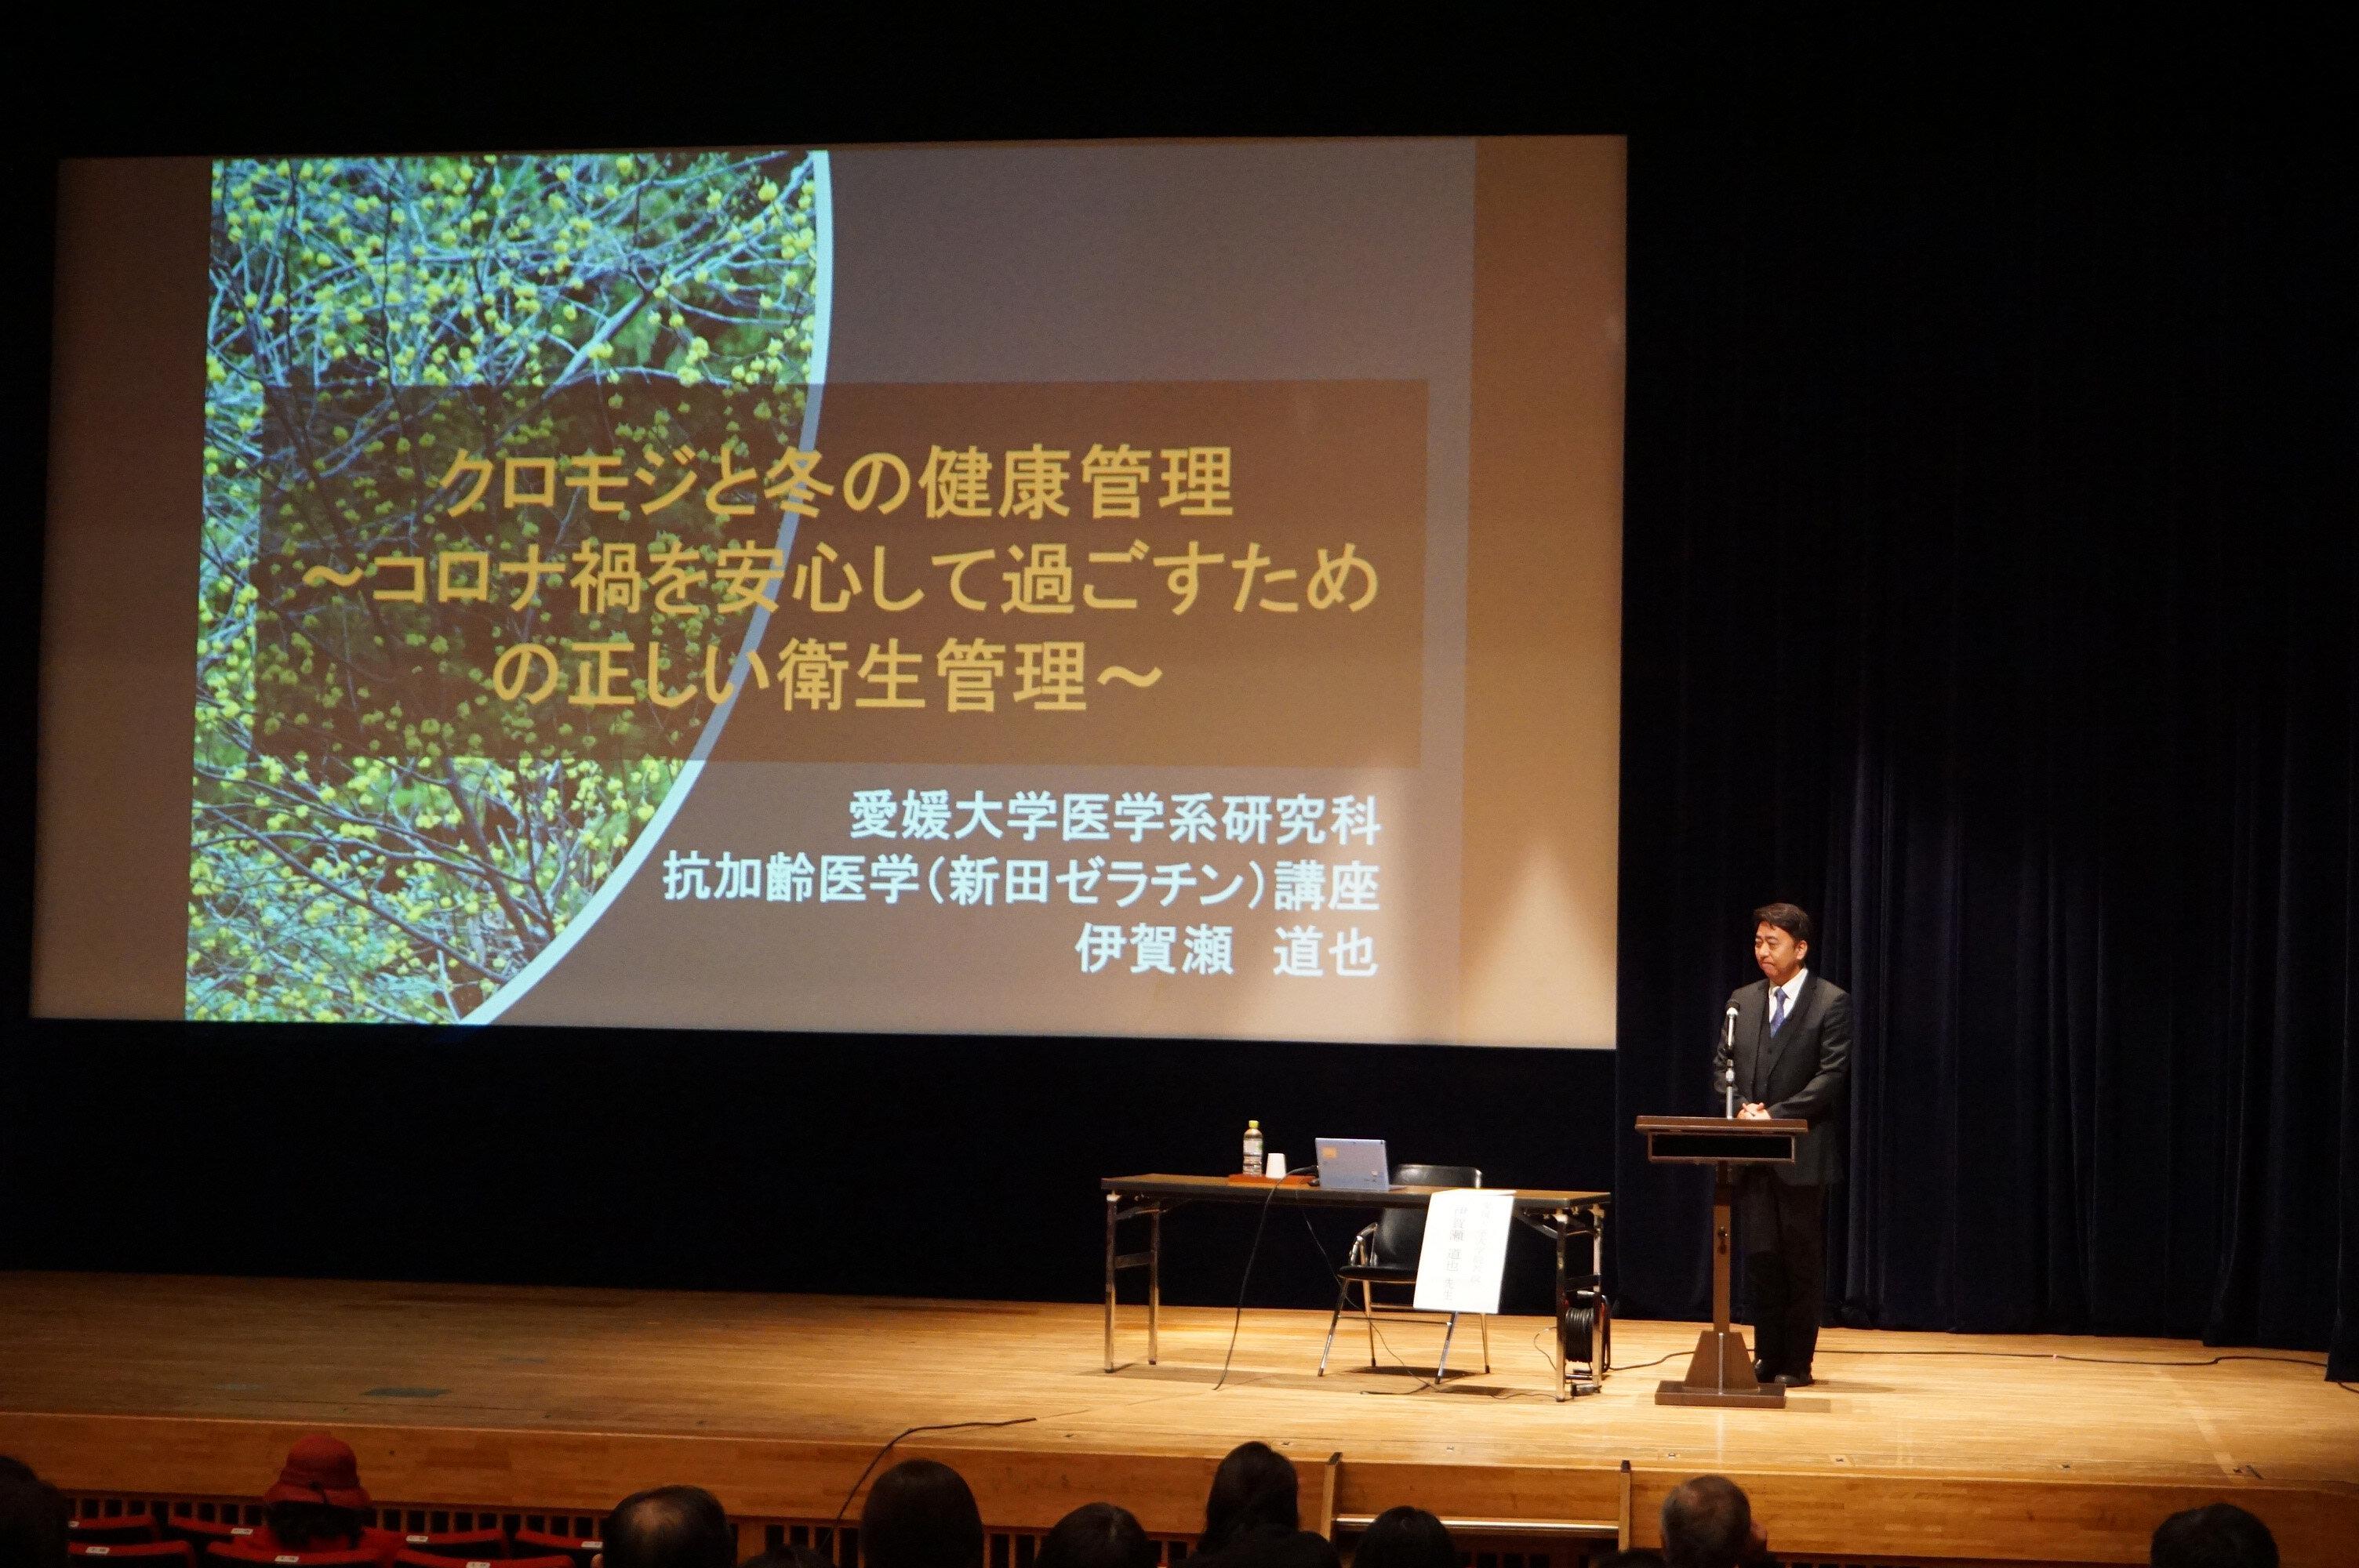 愛媛大学医学部教授 伊賀瀬道也先生による、「感染症対策とクロモジの抗ウイルス作用について」ご講演。.jpg